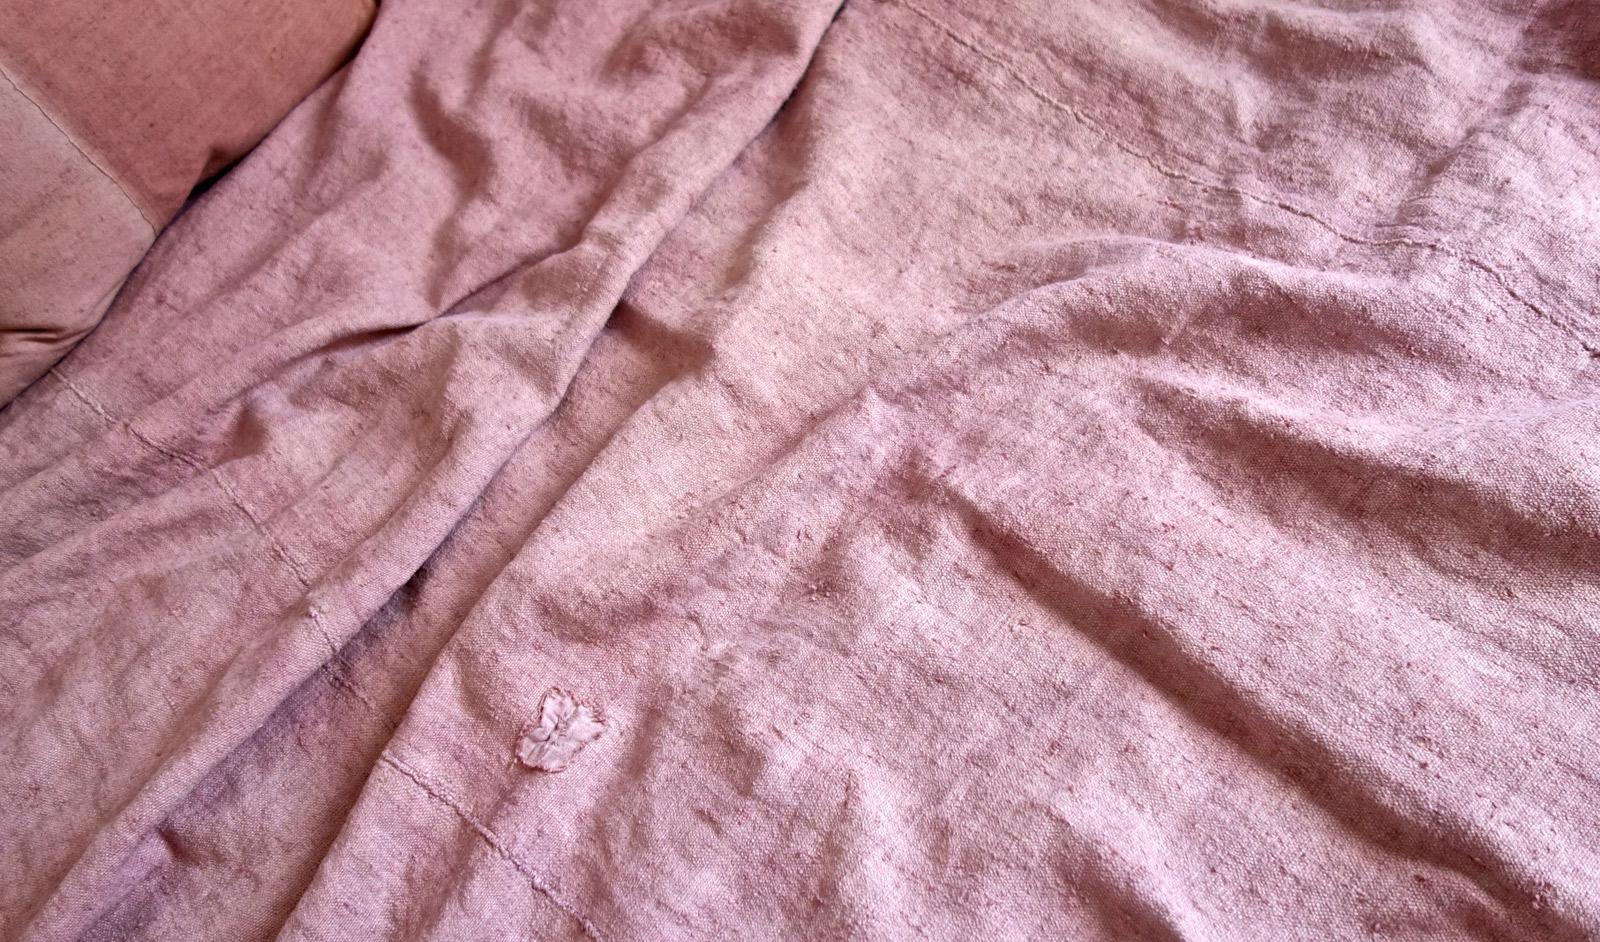 espanyolet_bedcover_quilt_comforter_bedding_linen.jpg